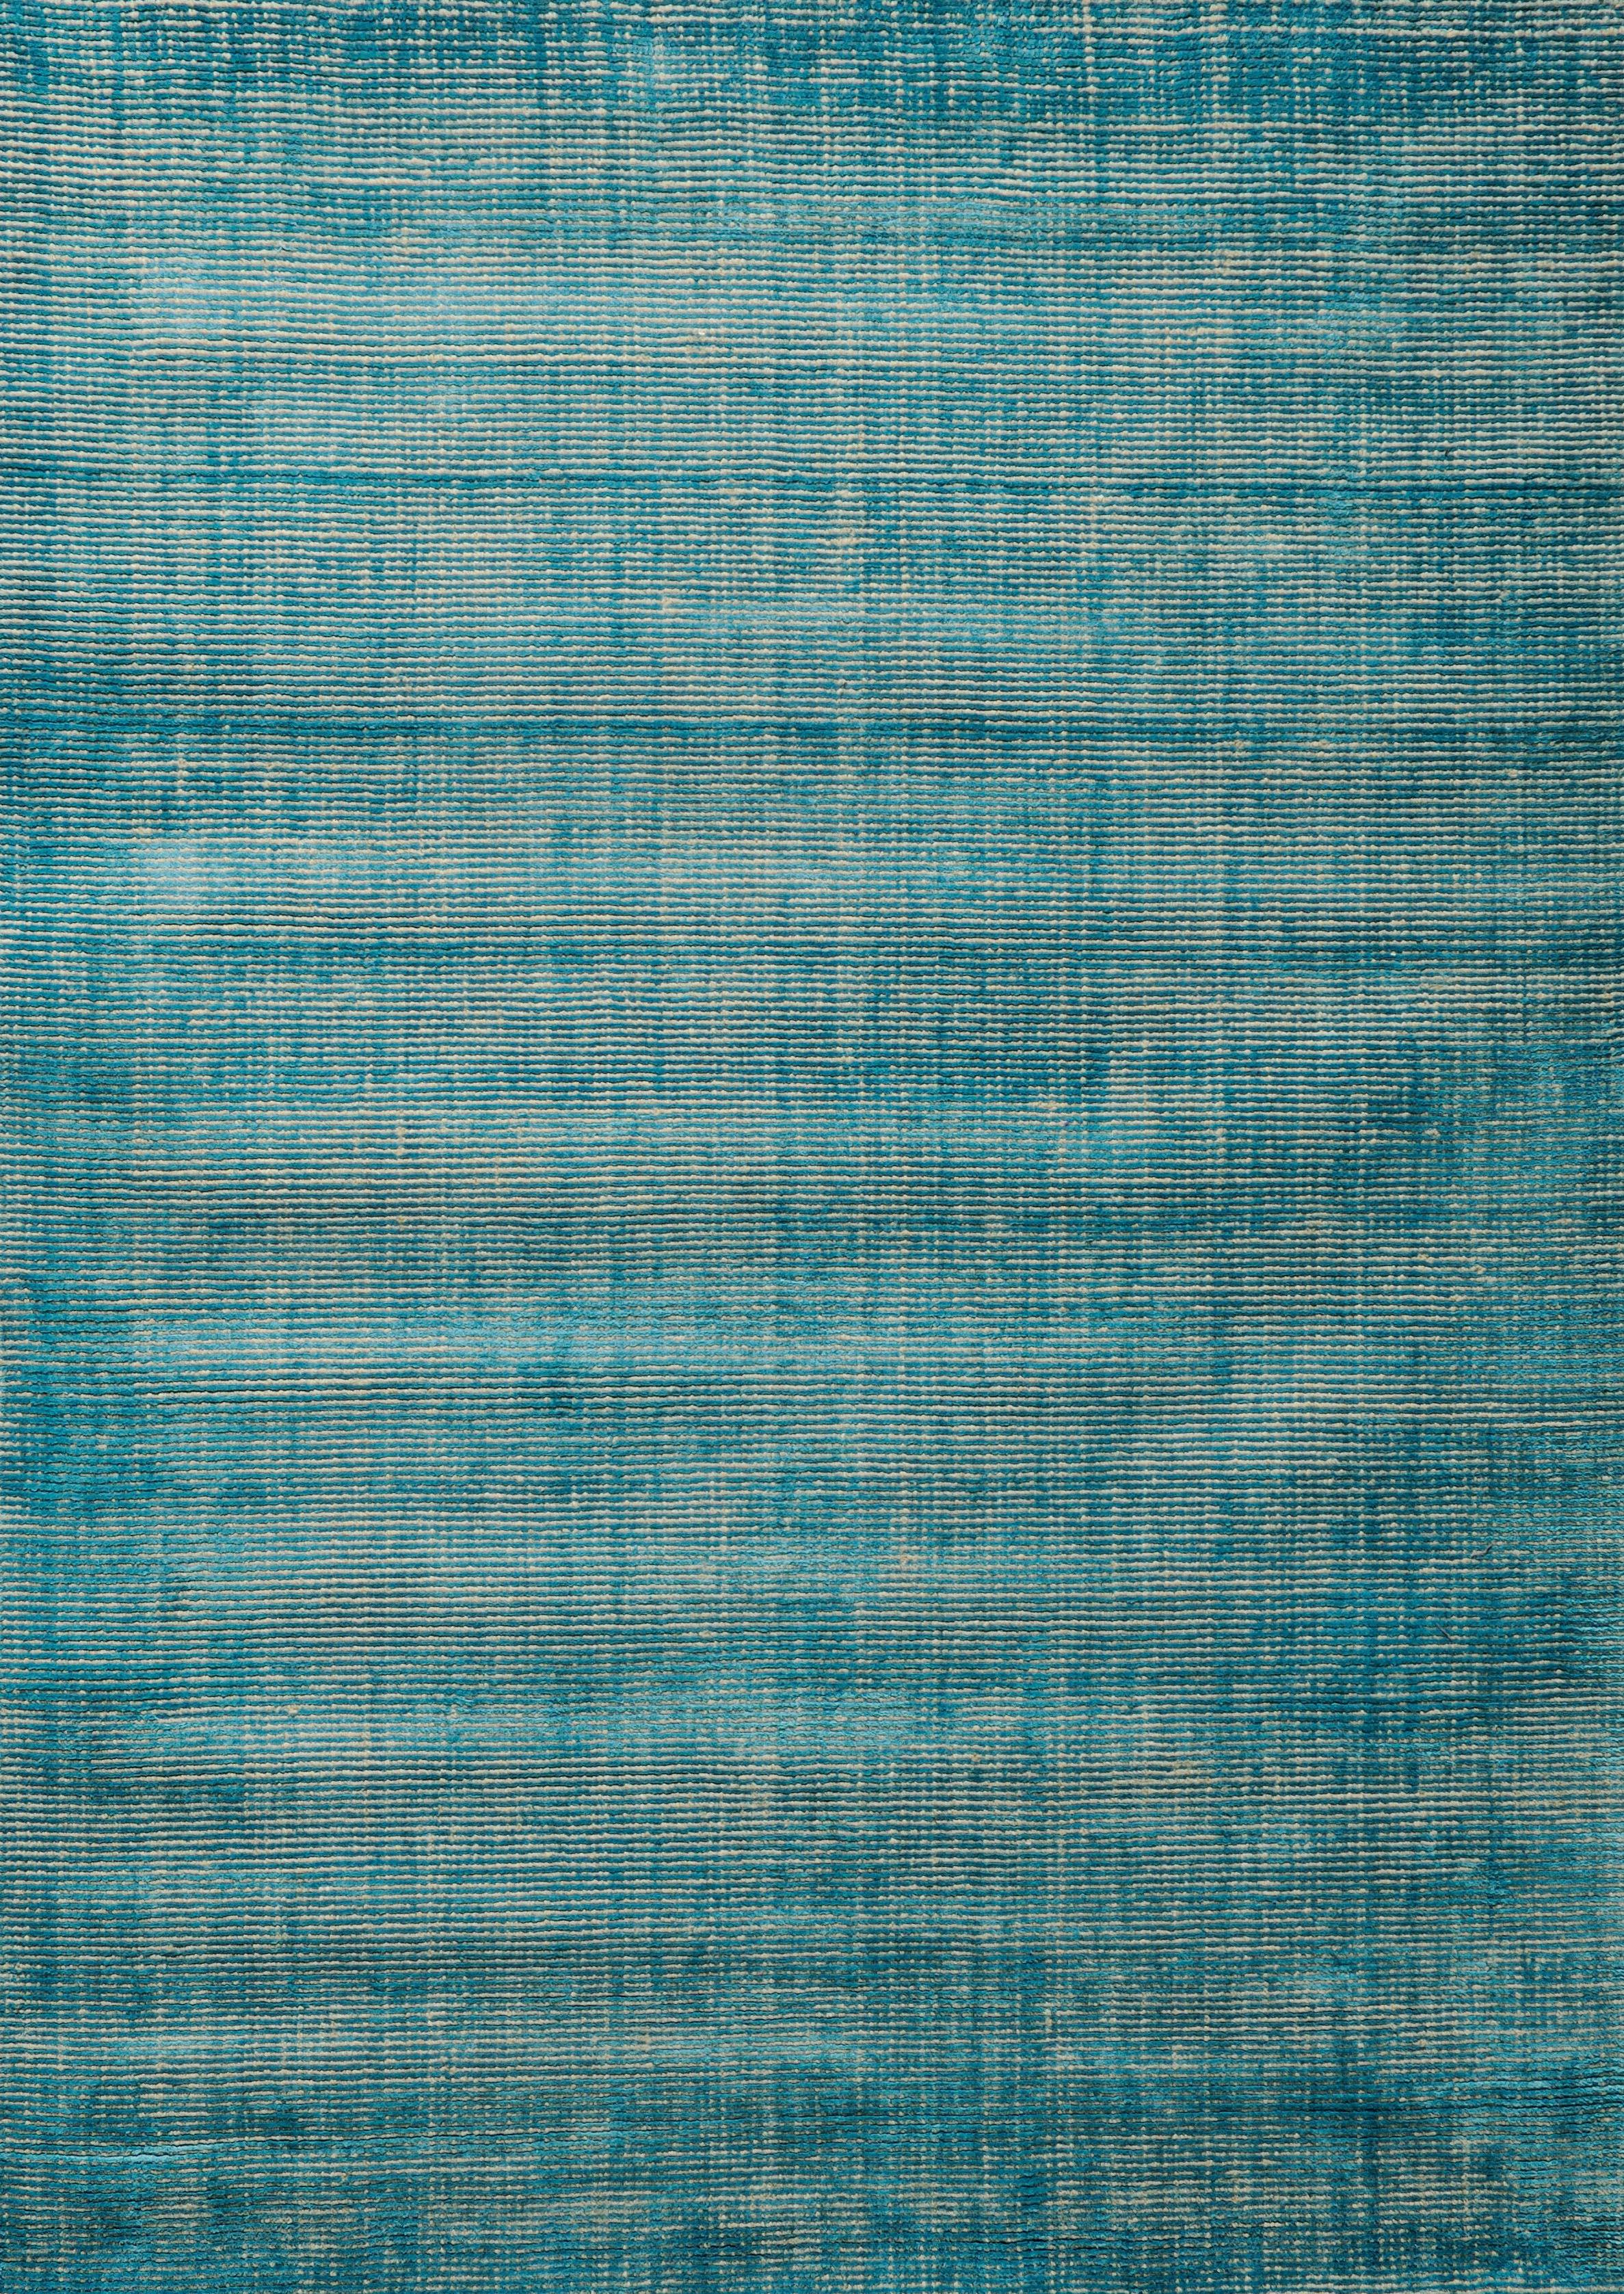 Déco - Tapis - Tapis Voyage / 170 x 240 cm - Tissé main - Toulemonde Bochart - 170 x 240 cm / Turquoise - Laine, Soie végétale